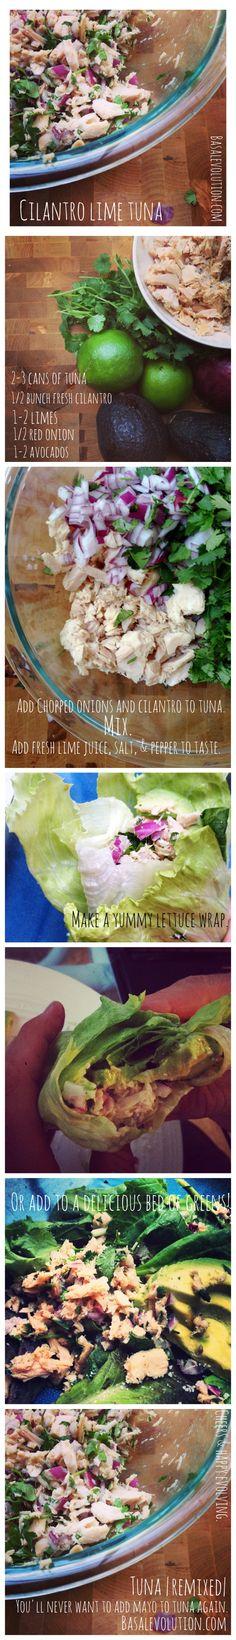 cilantro and lime tuna recipe